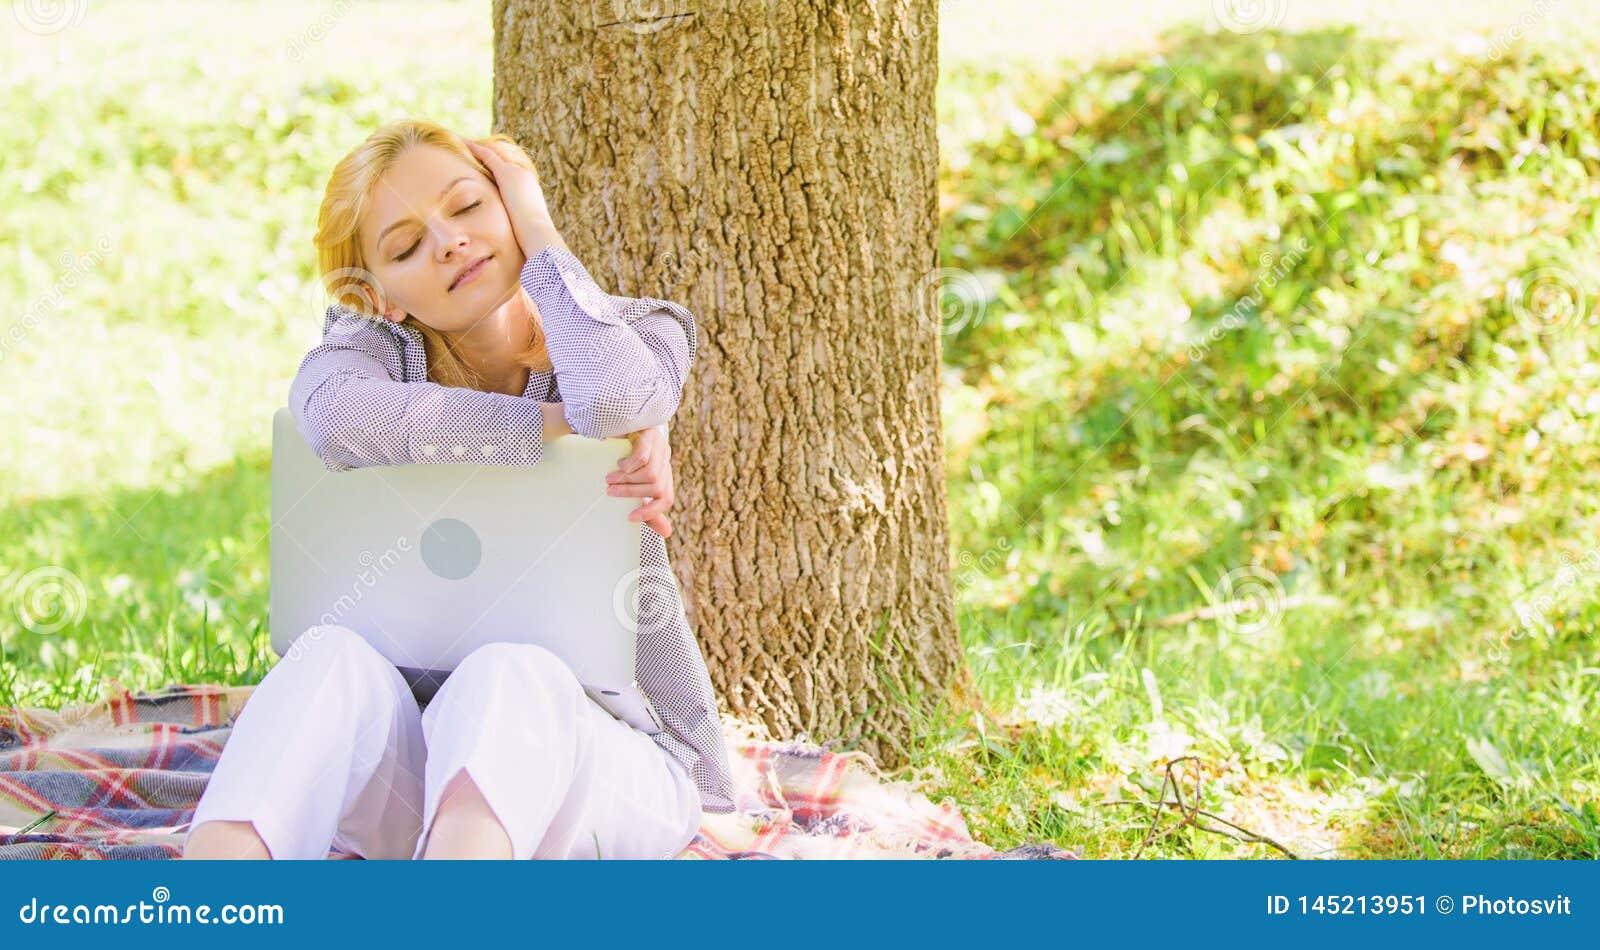 Ноутбук девушки мечтая в парке сидит на траве Мечта об успешном проекте Женщина мечтательная с работой ноутбука outdoors